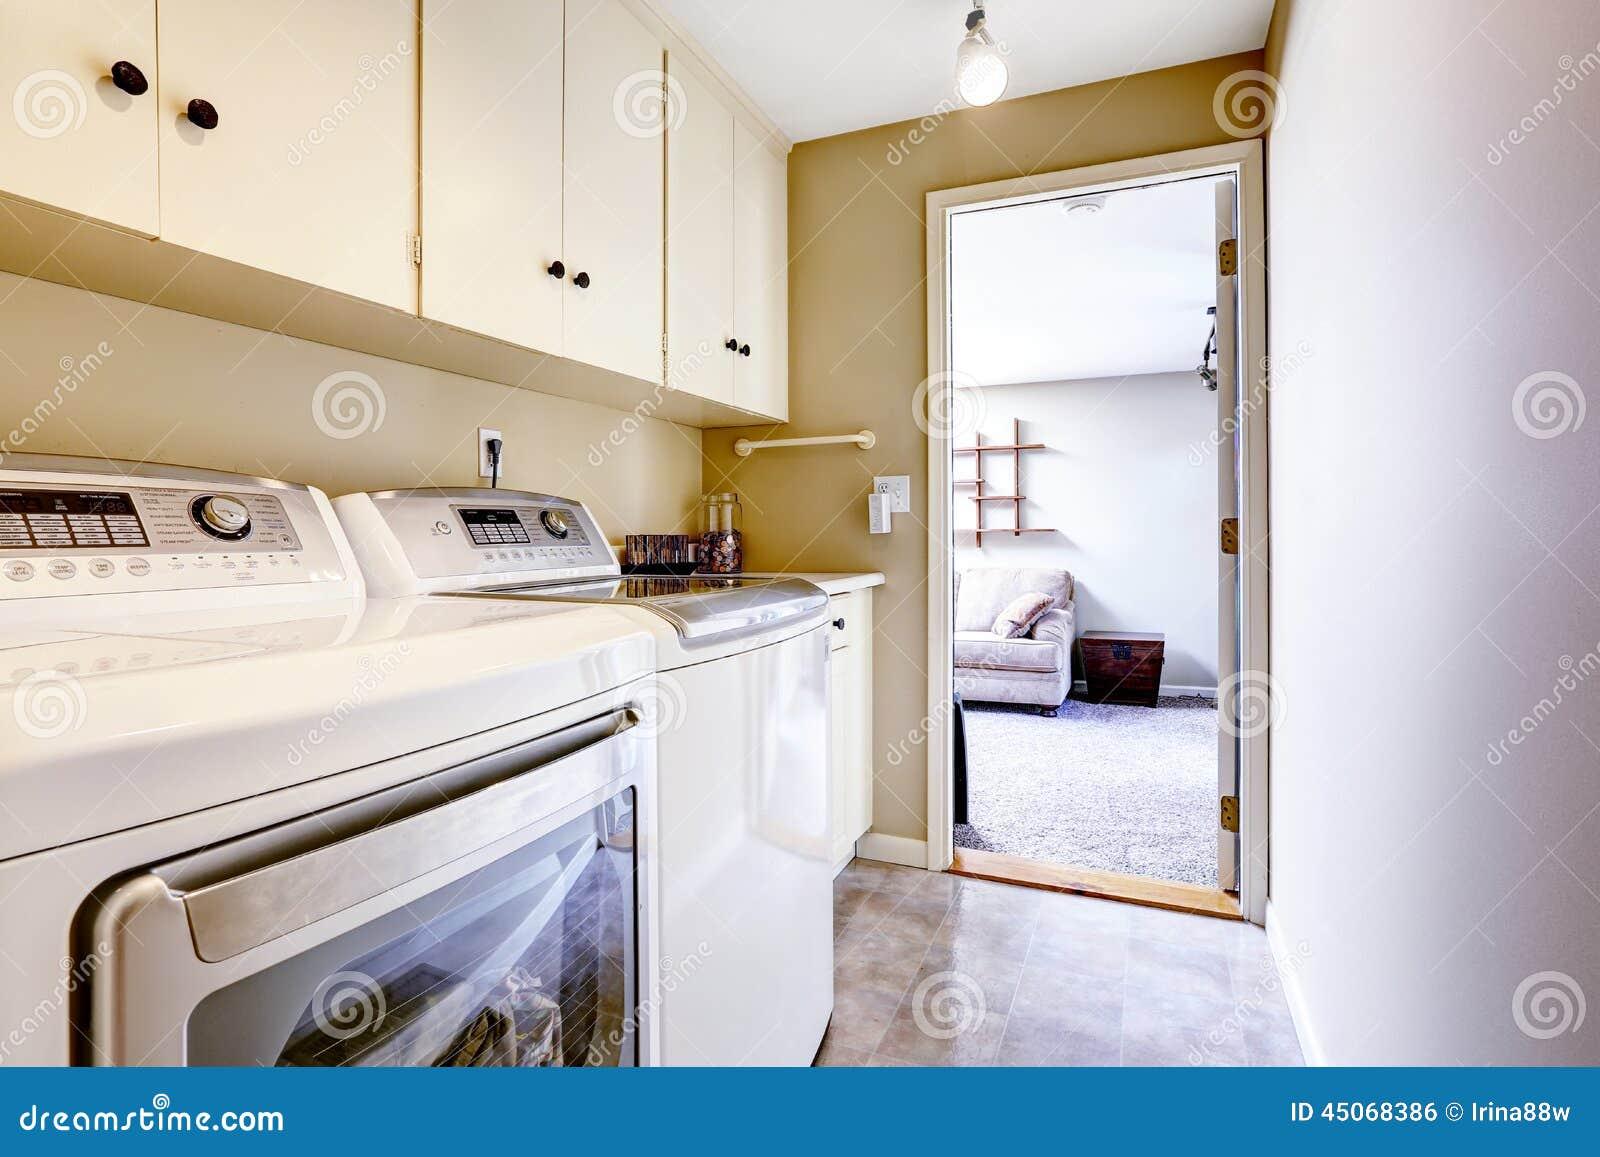 Peque a rea del lavadero con los gabinetes foto de for Cocinas pequenas con lavadero